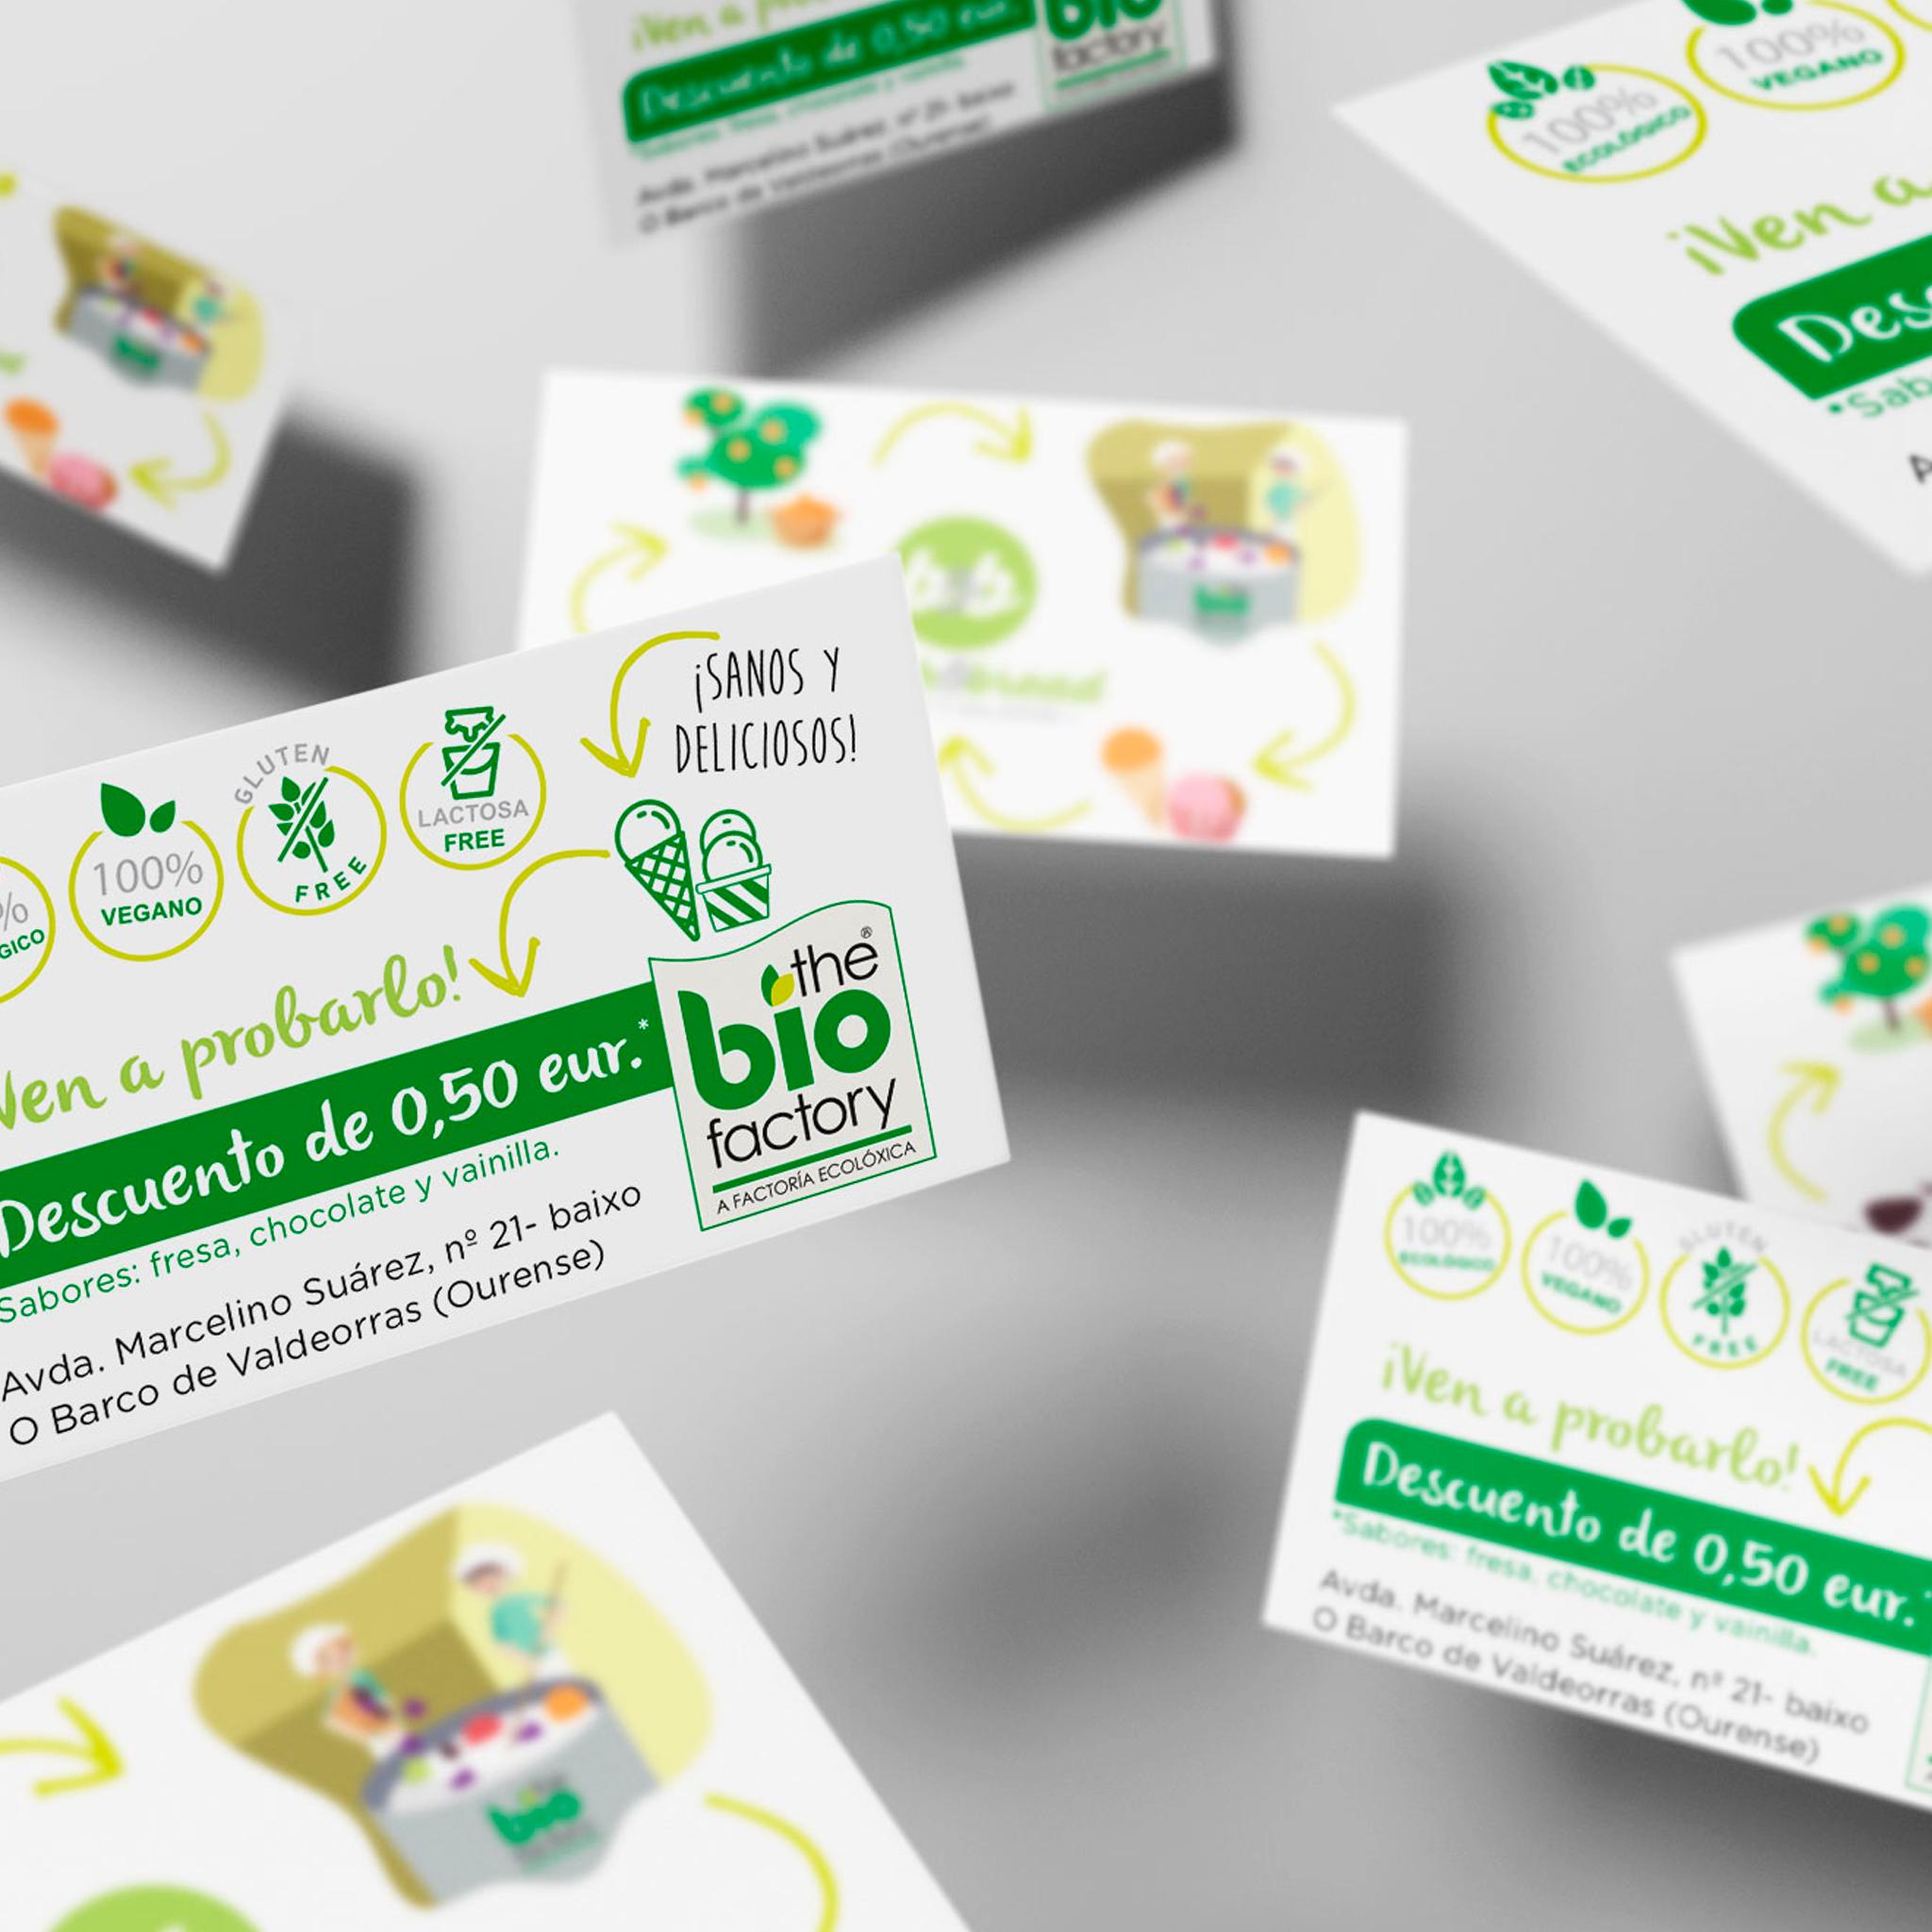 break-and-bread-tarjetas-corporativas-Bdiseño-gráfico-diseñador-diseño-publicitario-publicidad-xaniño-coruña-cartelería